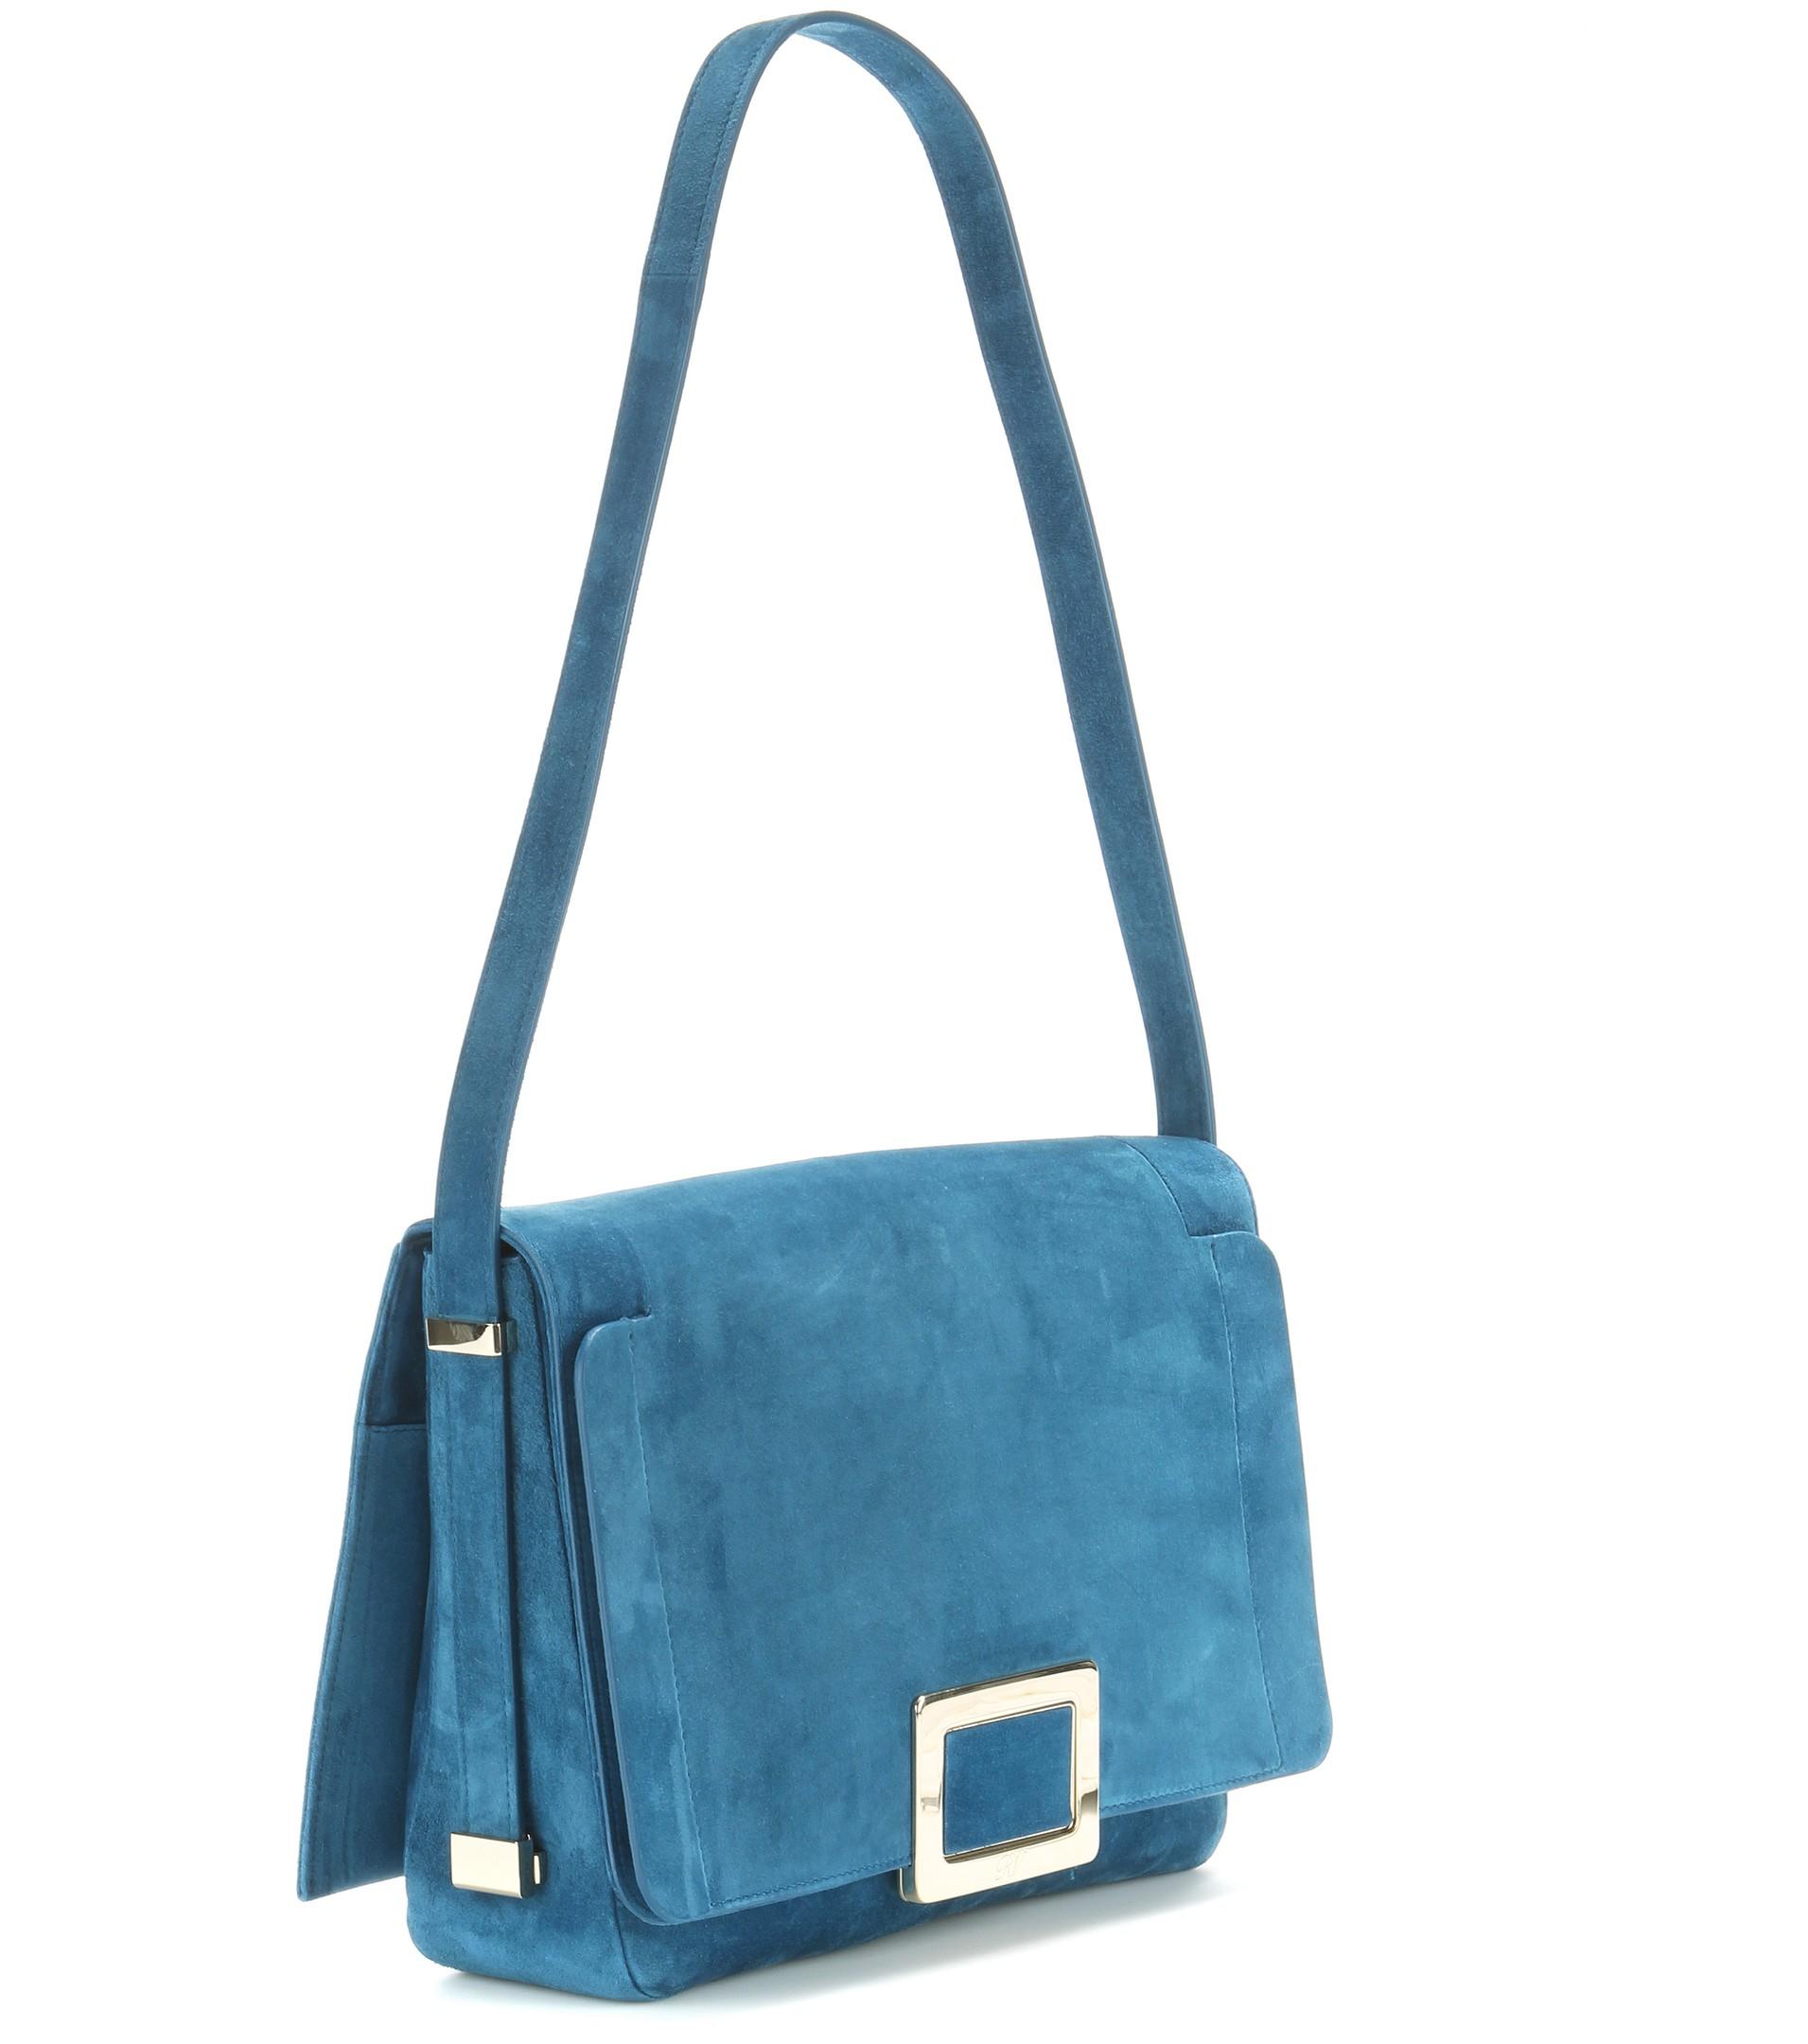 ab25c82a395c Lyst - Roger Vivier Ines Suede Shoulder Bag in Blue